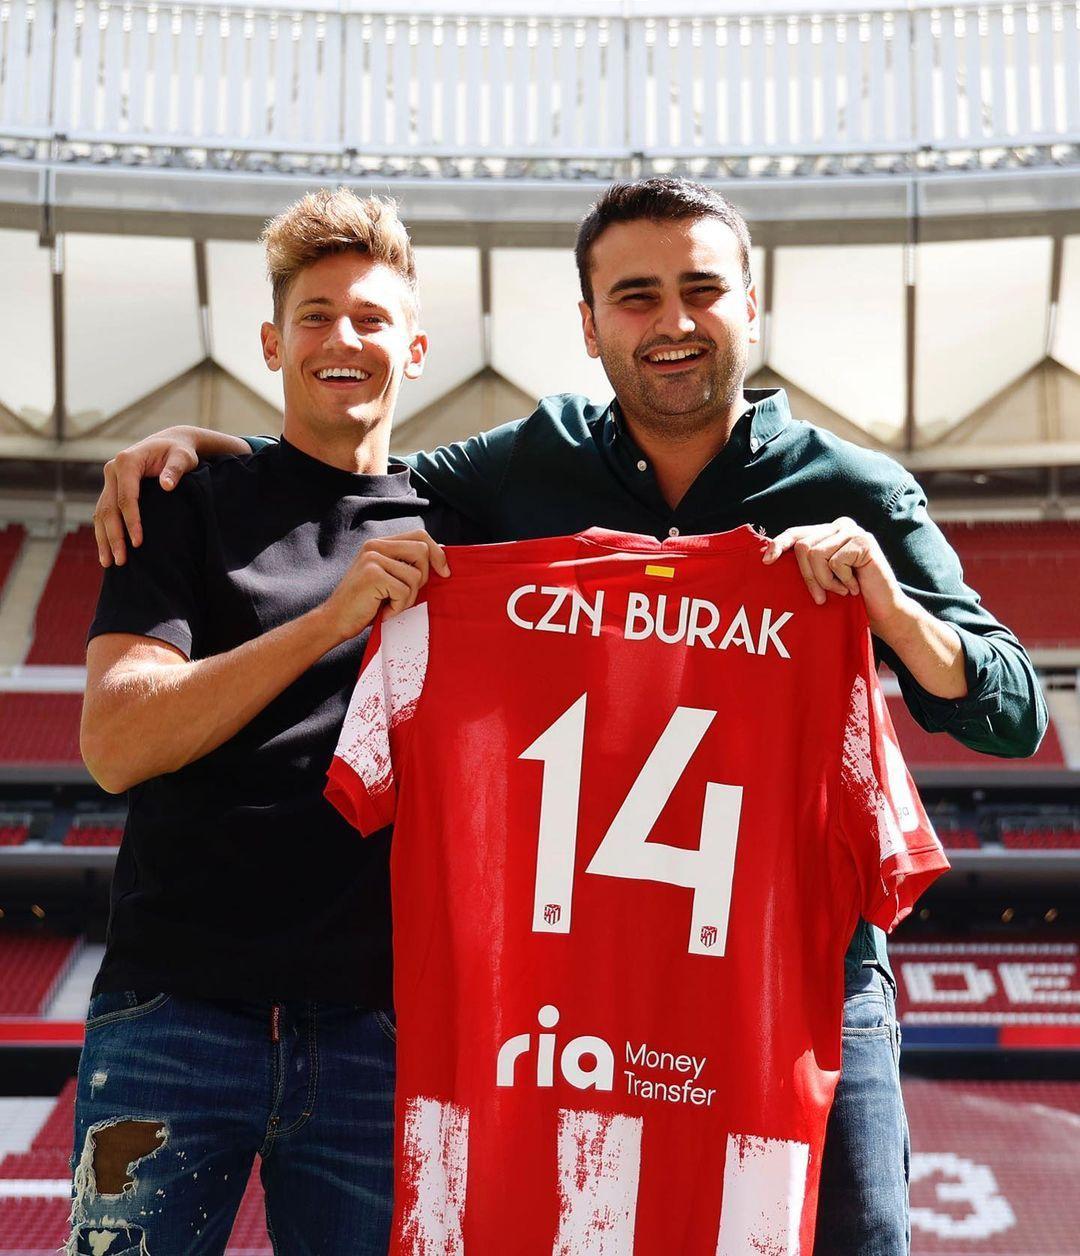 CZN Burak Cristiano Ronaldo'nun teklifini açıkladı: Bana ısrar etti